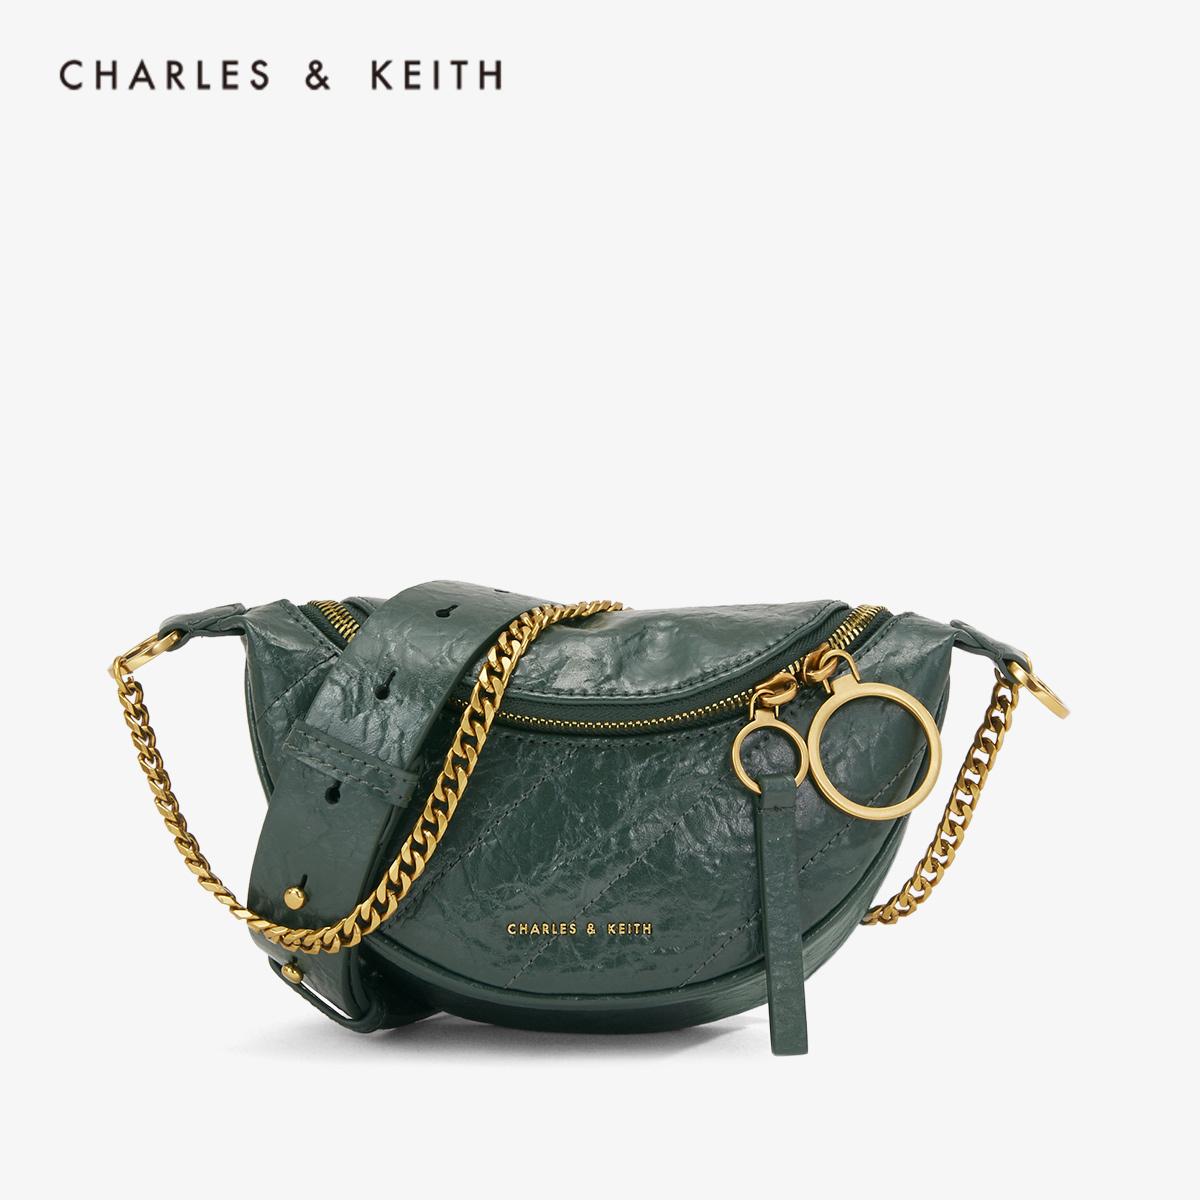 手提单肩包腰包女 80150844 CK2 秋季新品 KEITH2019 & CHARLES